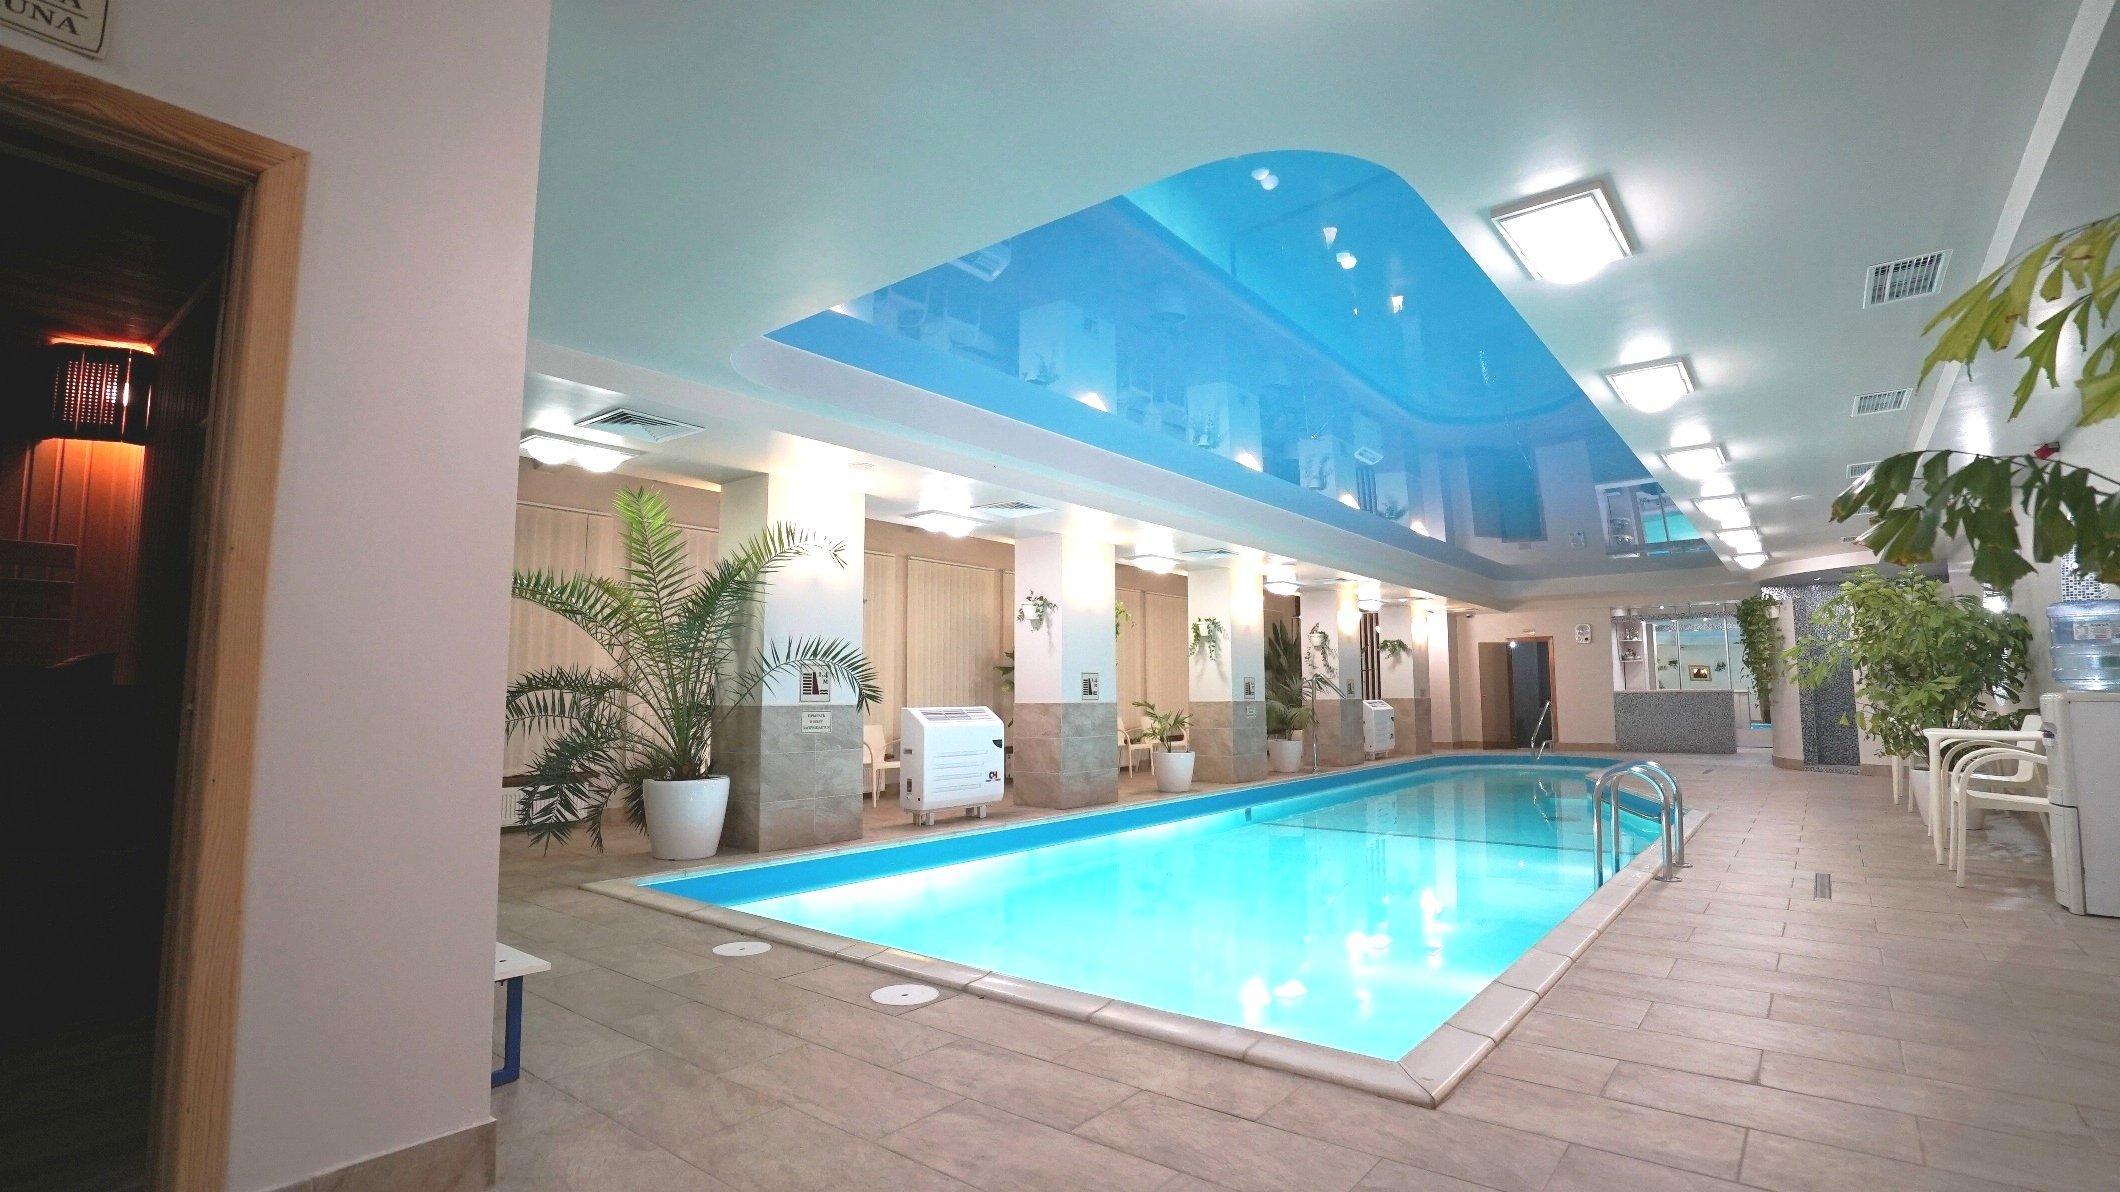 фотография Гостинично-ресторанного комплекса Mercury в гостинице Меркурий